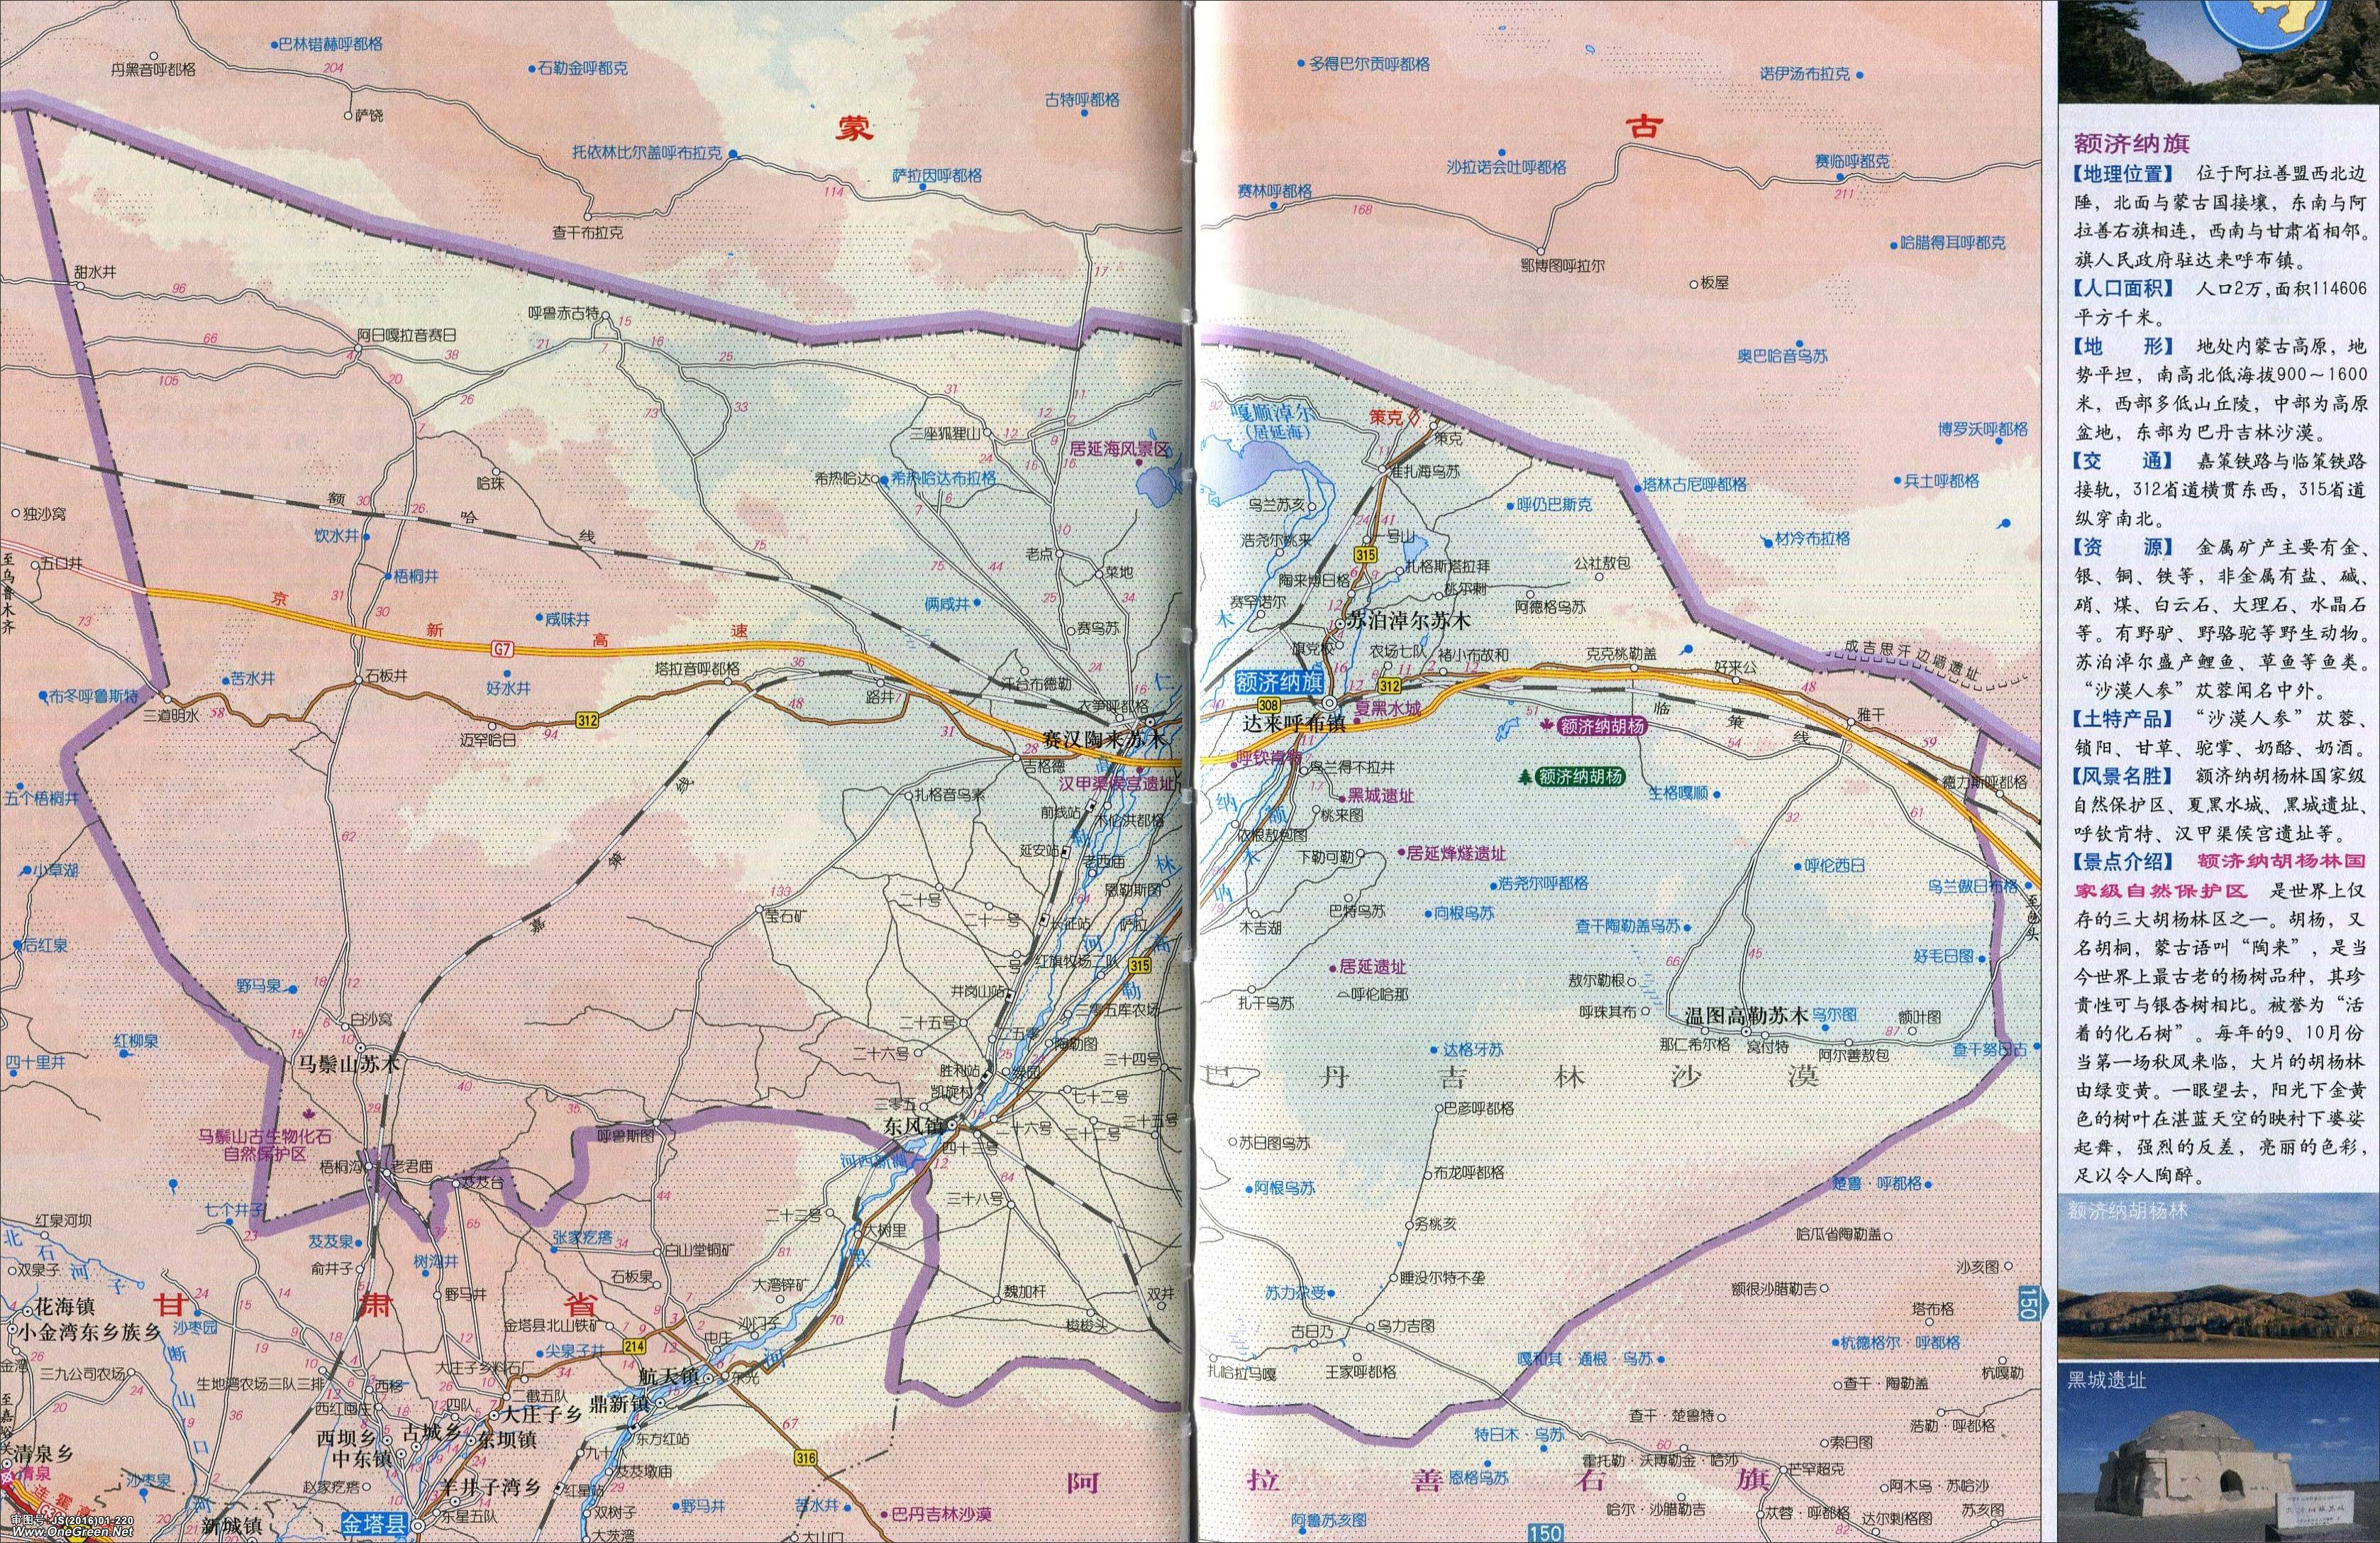 额济纳旗地图_阿拉善地图库